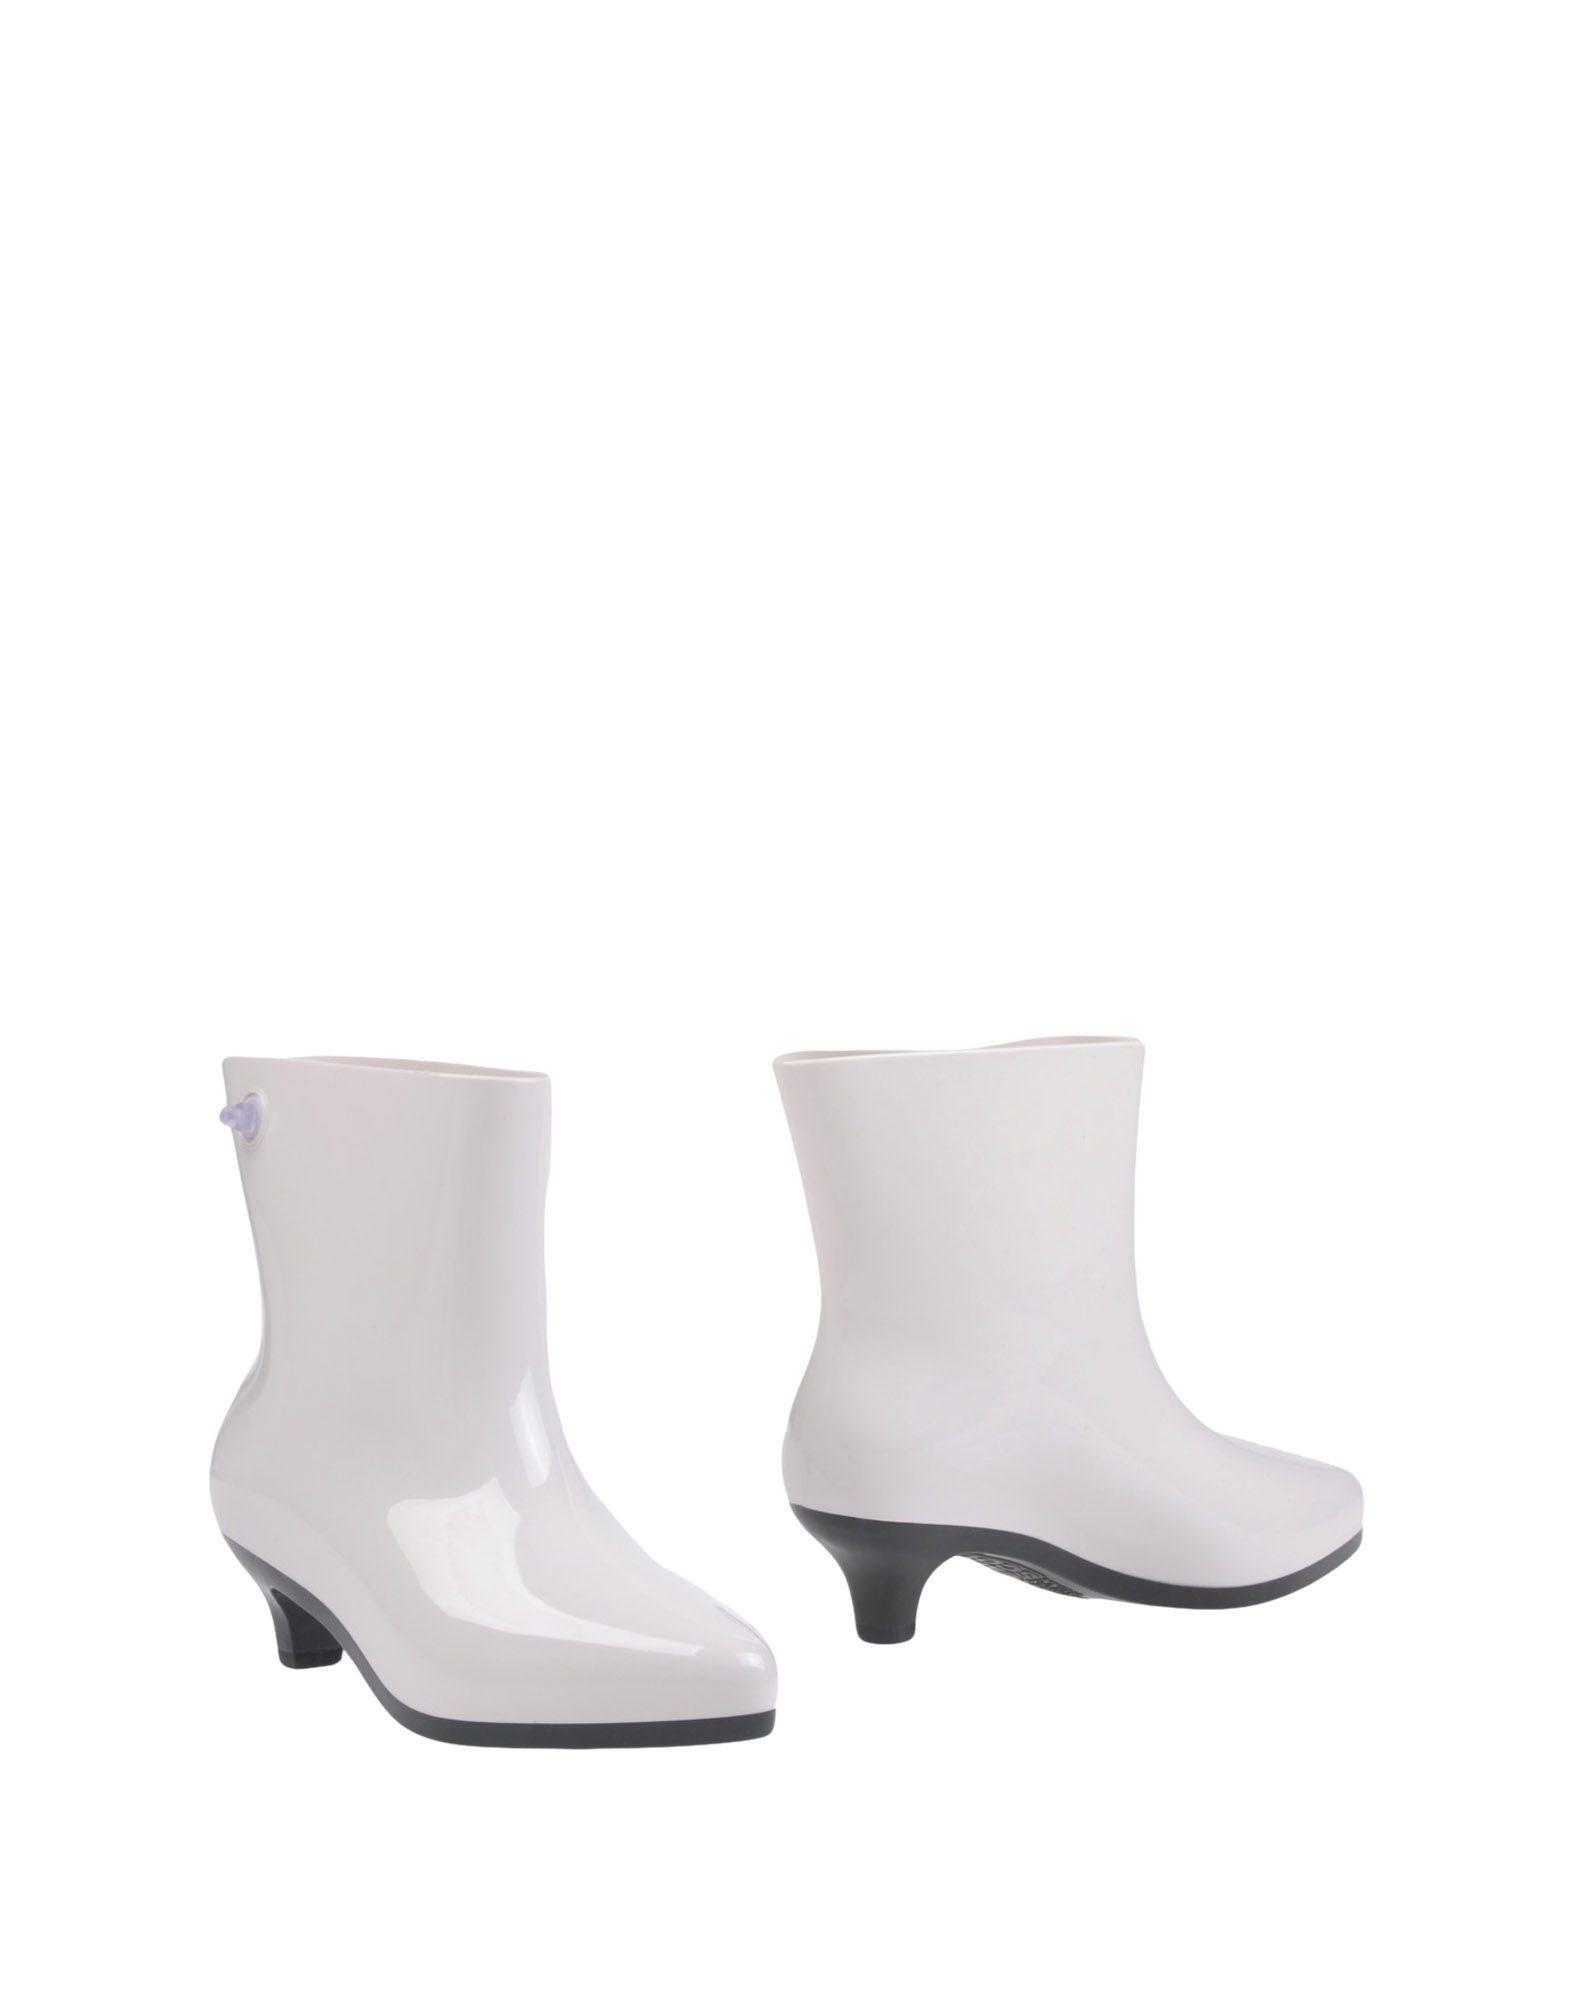 MELISSA + JEREMY SCOTT Полусапоги и высокие ботинки цены онлайн